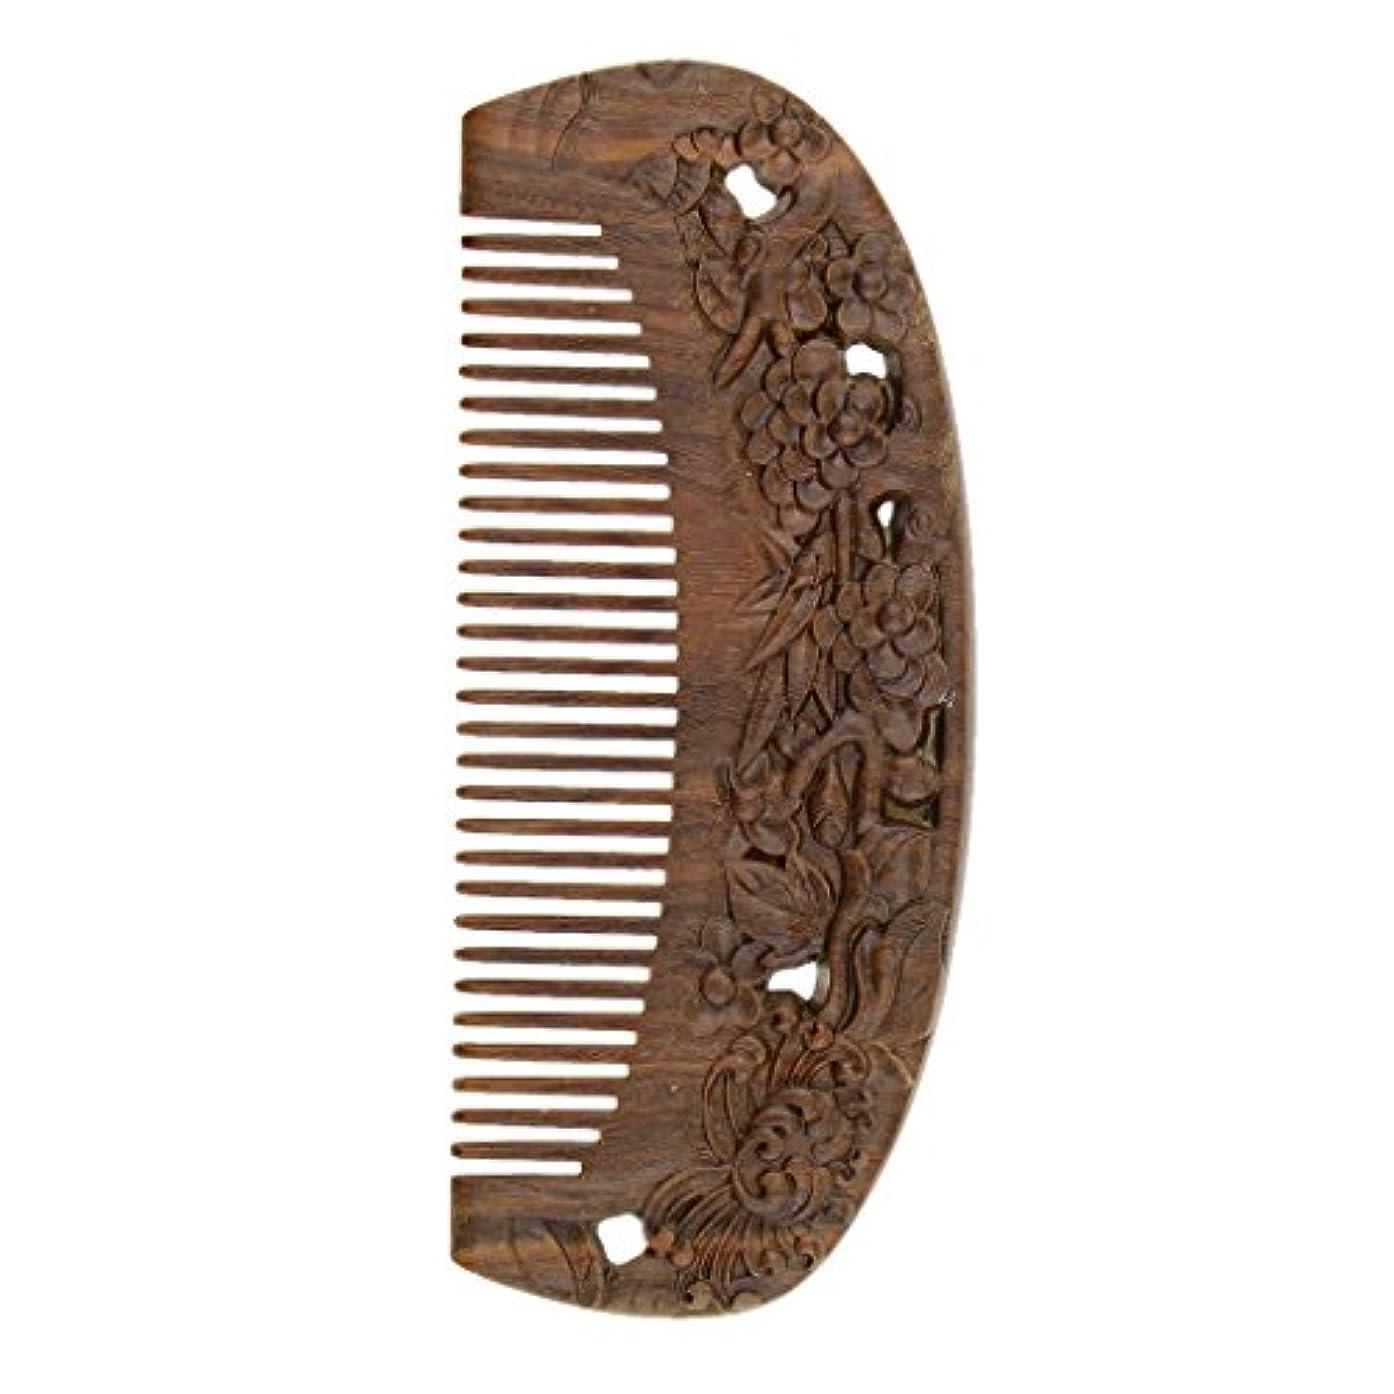 クローンタイル脅かすウッドコーム 天然木製 高品質 木製櫛 ワイド歯 ヘアブラシ ヘアスタイリング ヘアコーム 2タイプ選べる - #2